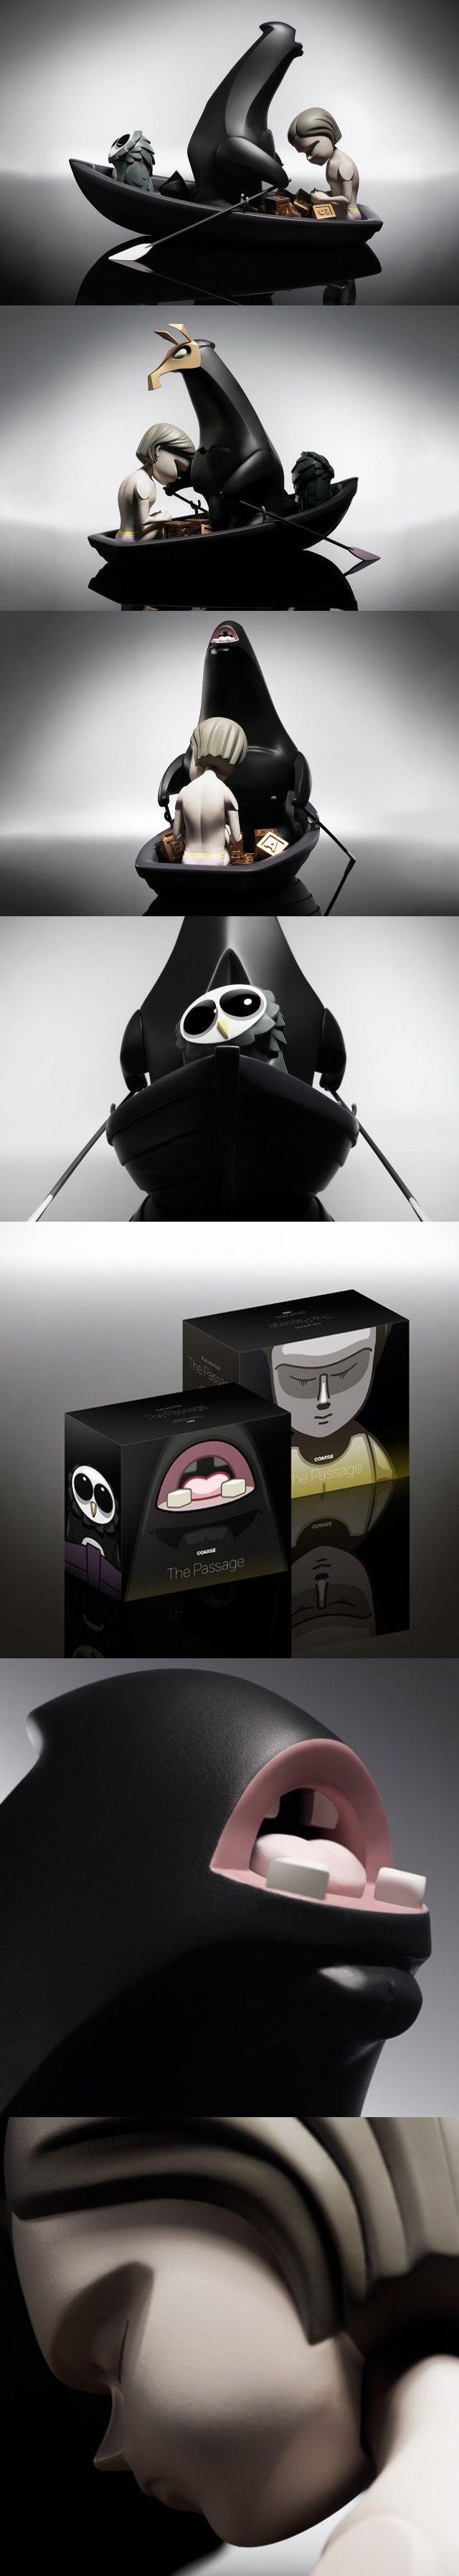 La compagnie allemande spécialisée dans les art toys Coarse a récemment dévoilé sa dernière création absolument incroyable appelée 'The passage'. Limité à 222 exemplaires, ce set de figurines intègre trois personnages ainsi qu'une barque, traversant les eaux en direction de l'île de Void dans la nuit. #toyart #wishlist